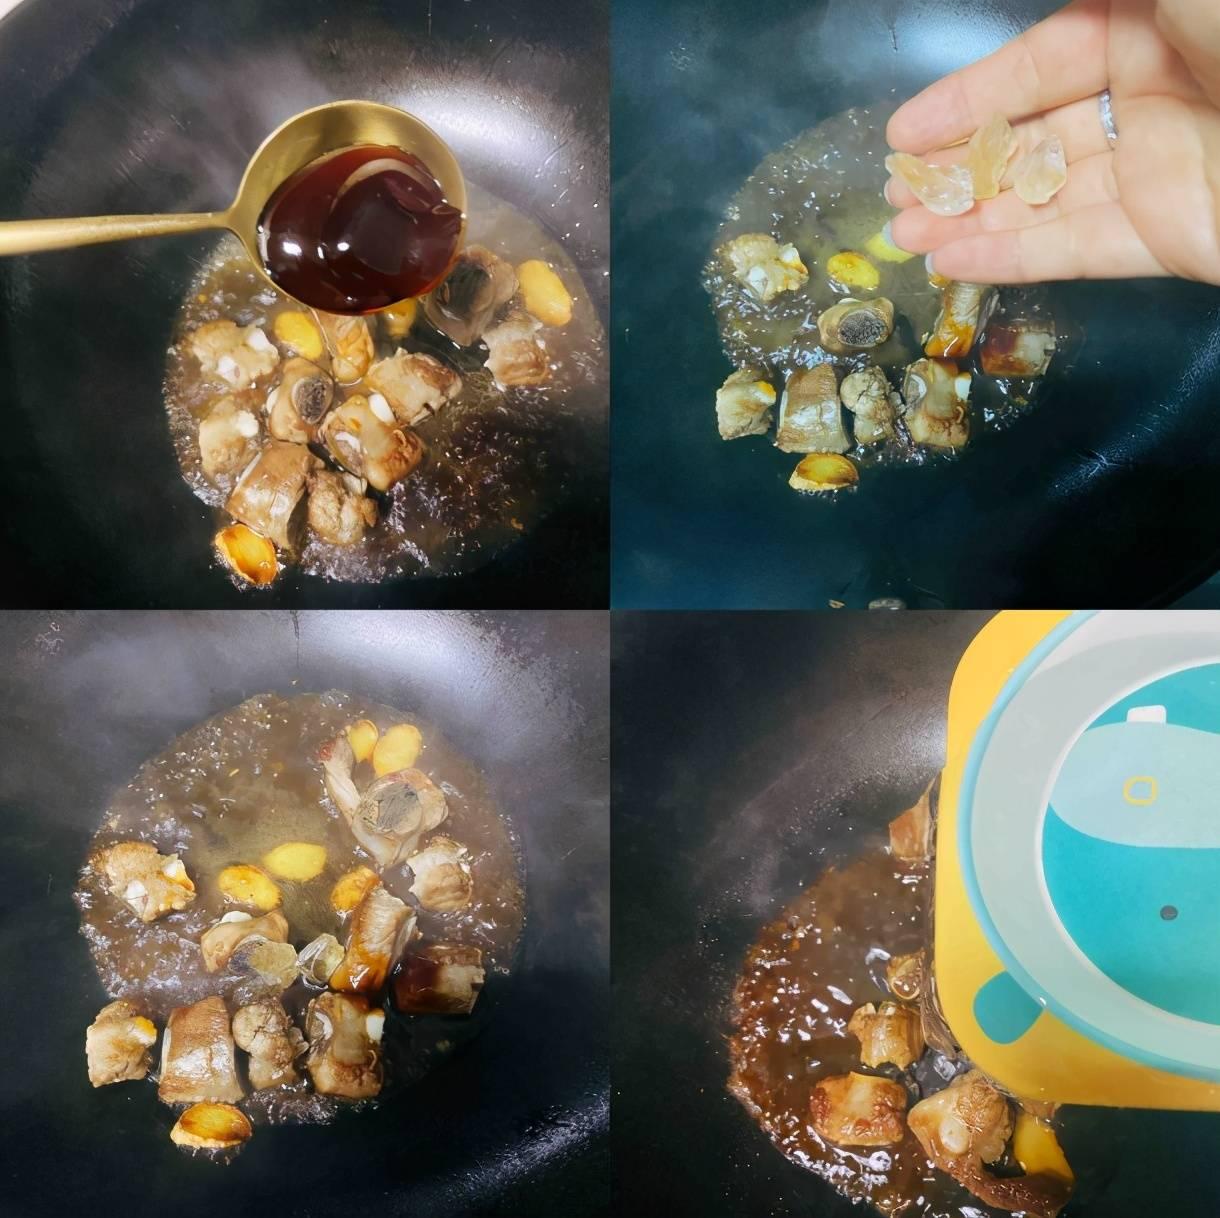 排骨玉米不一定非要做成汤,红烧起来也不错